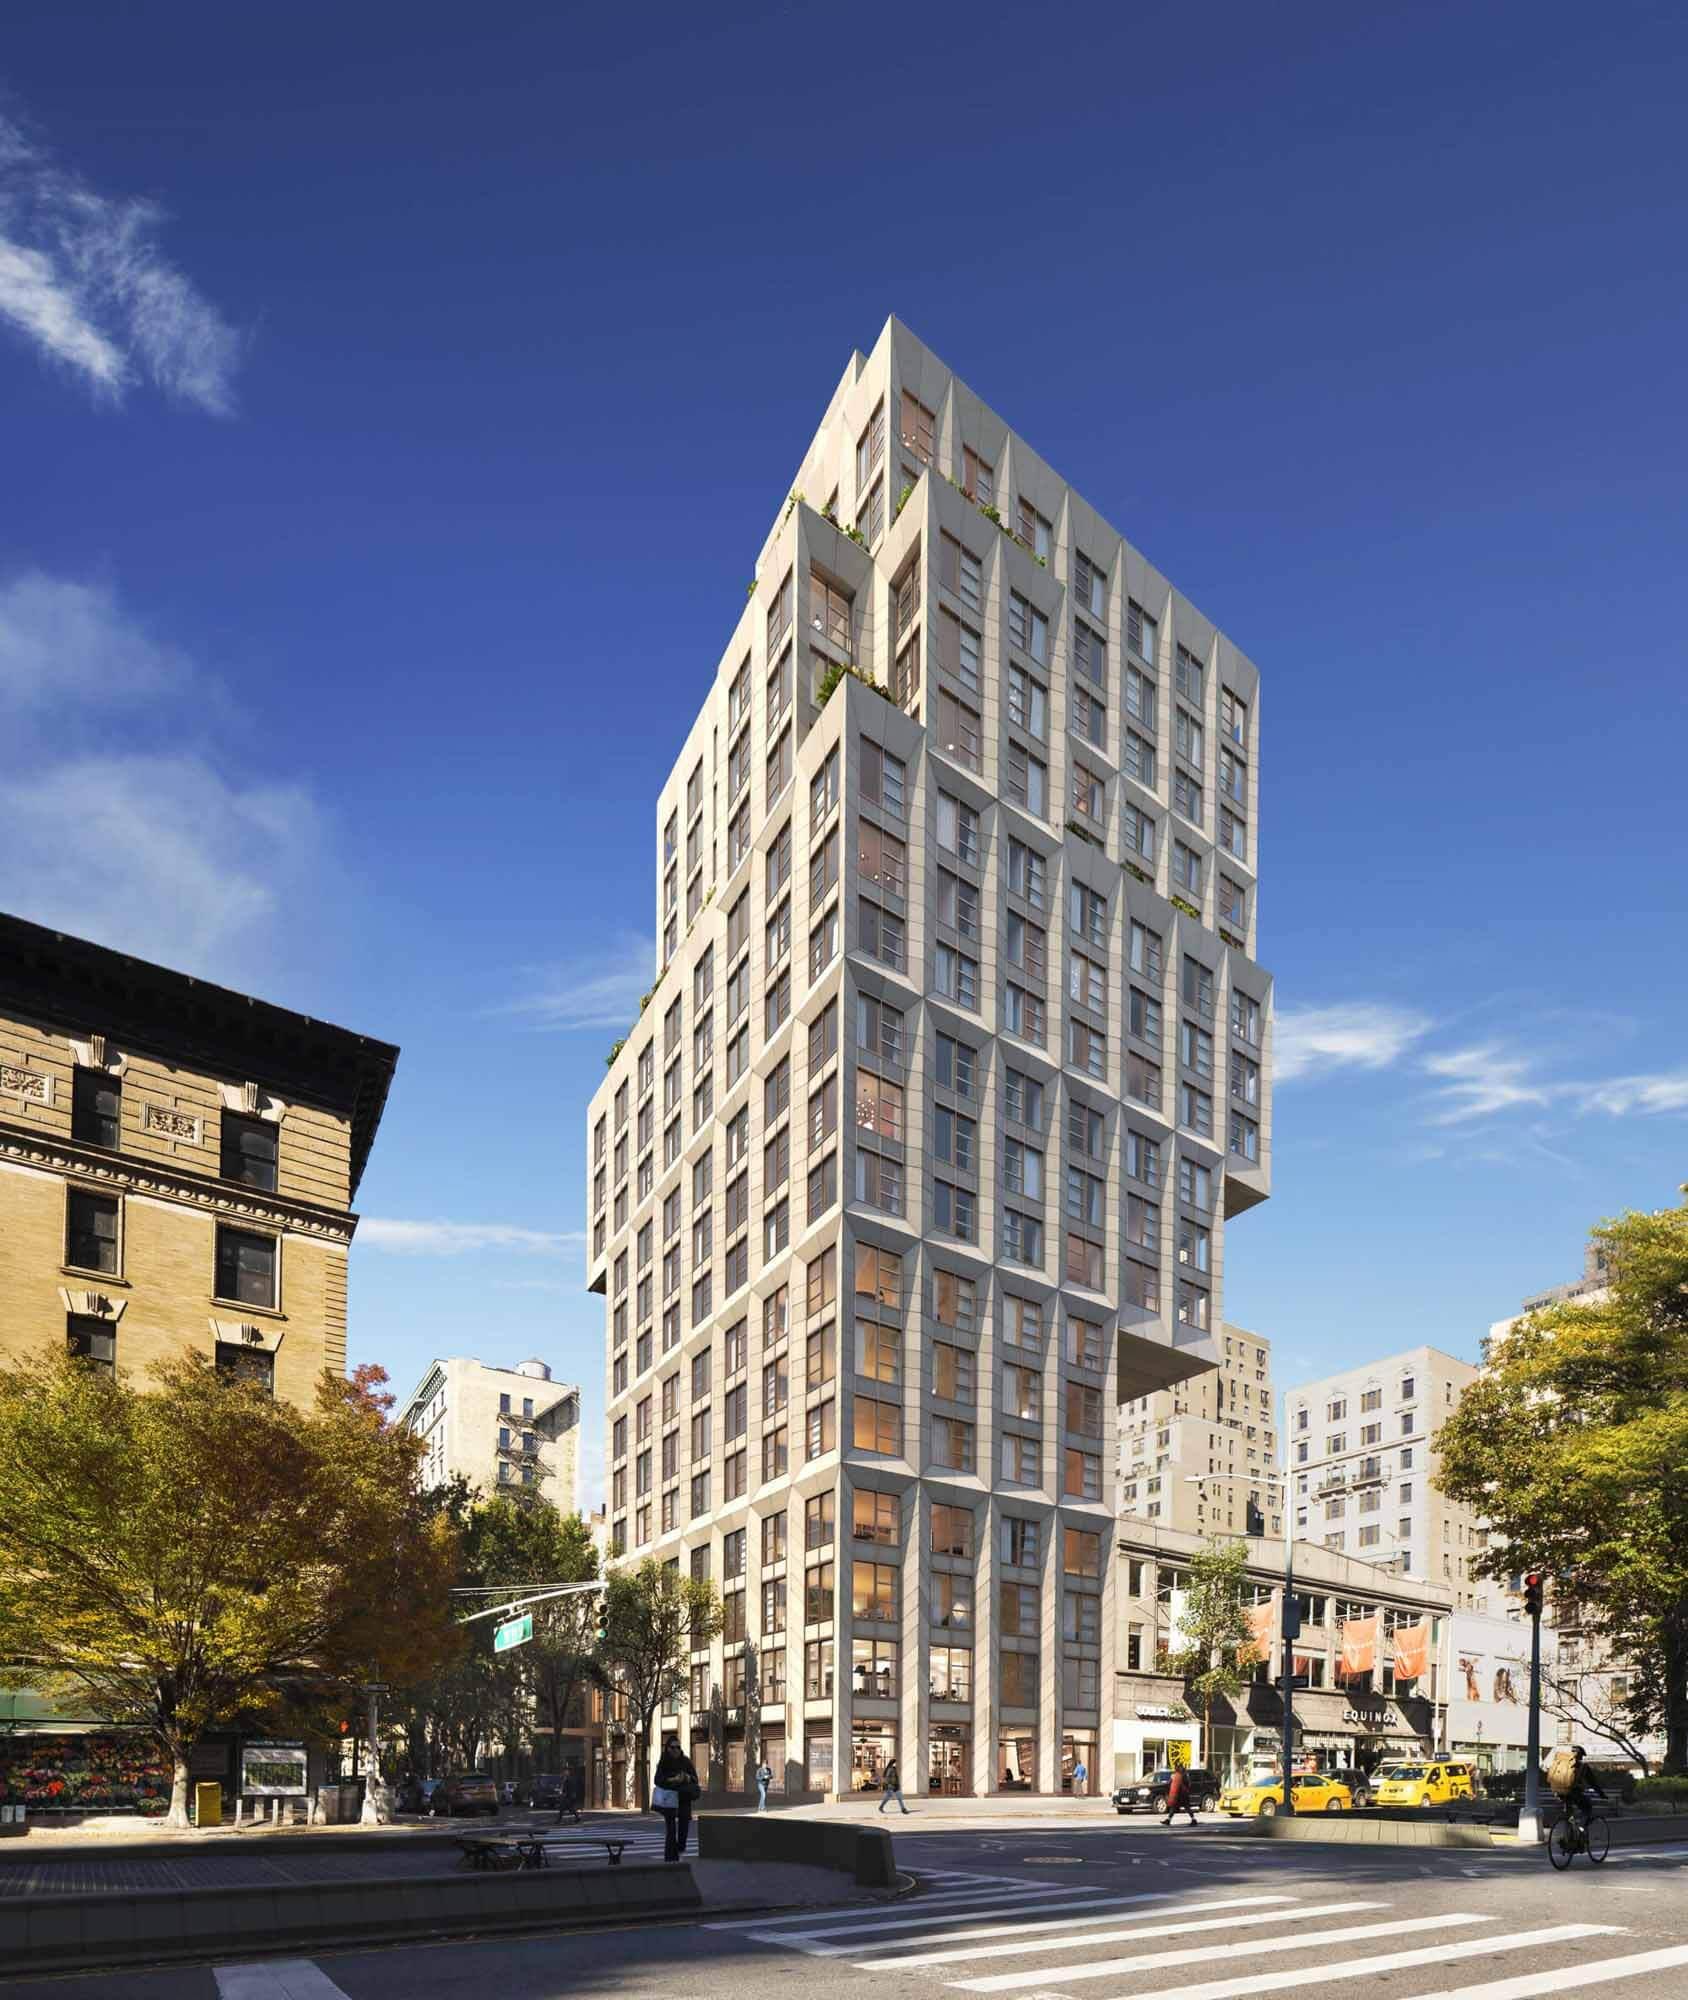 ODA проектирует самый большой жилой консоль в Нью-Йорке на Манхэттене